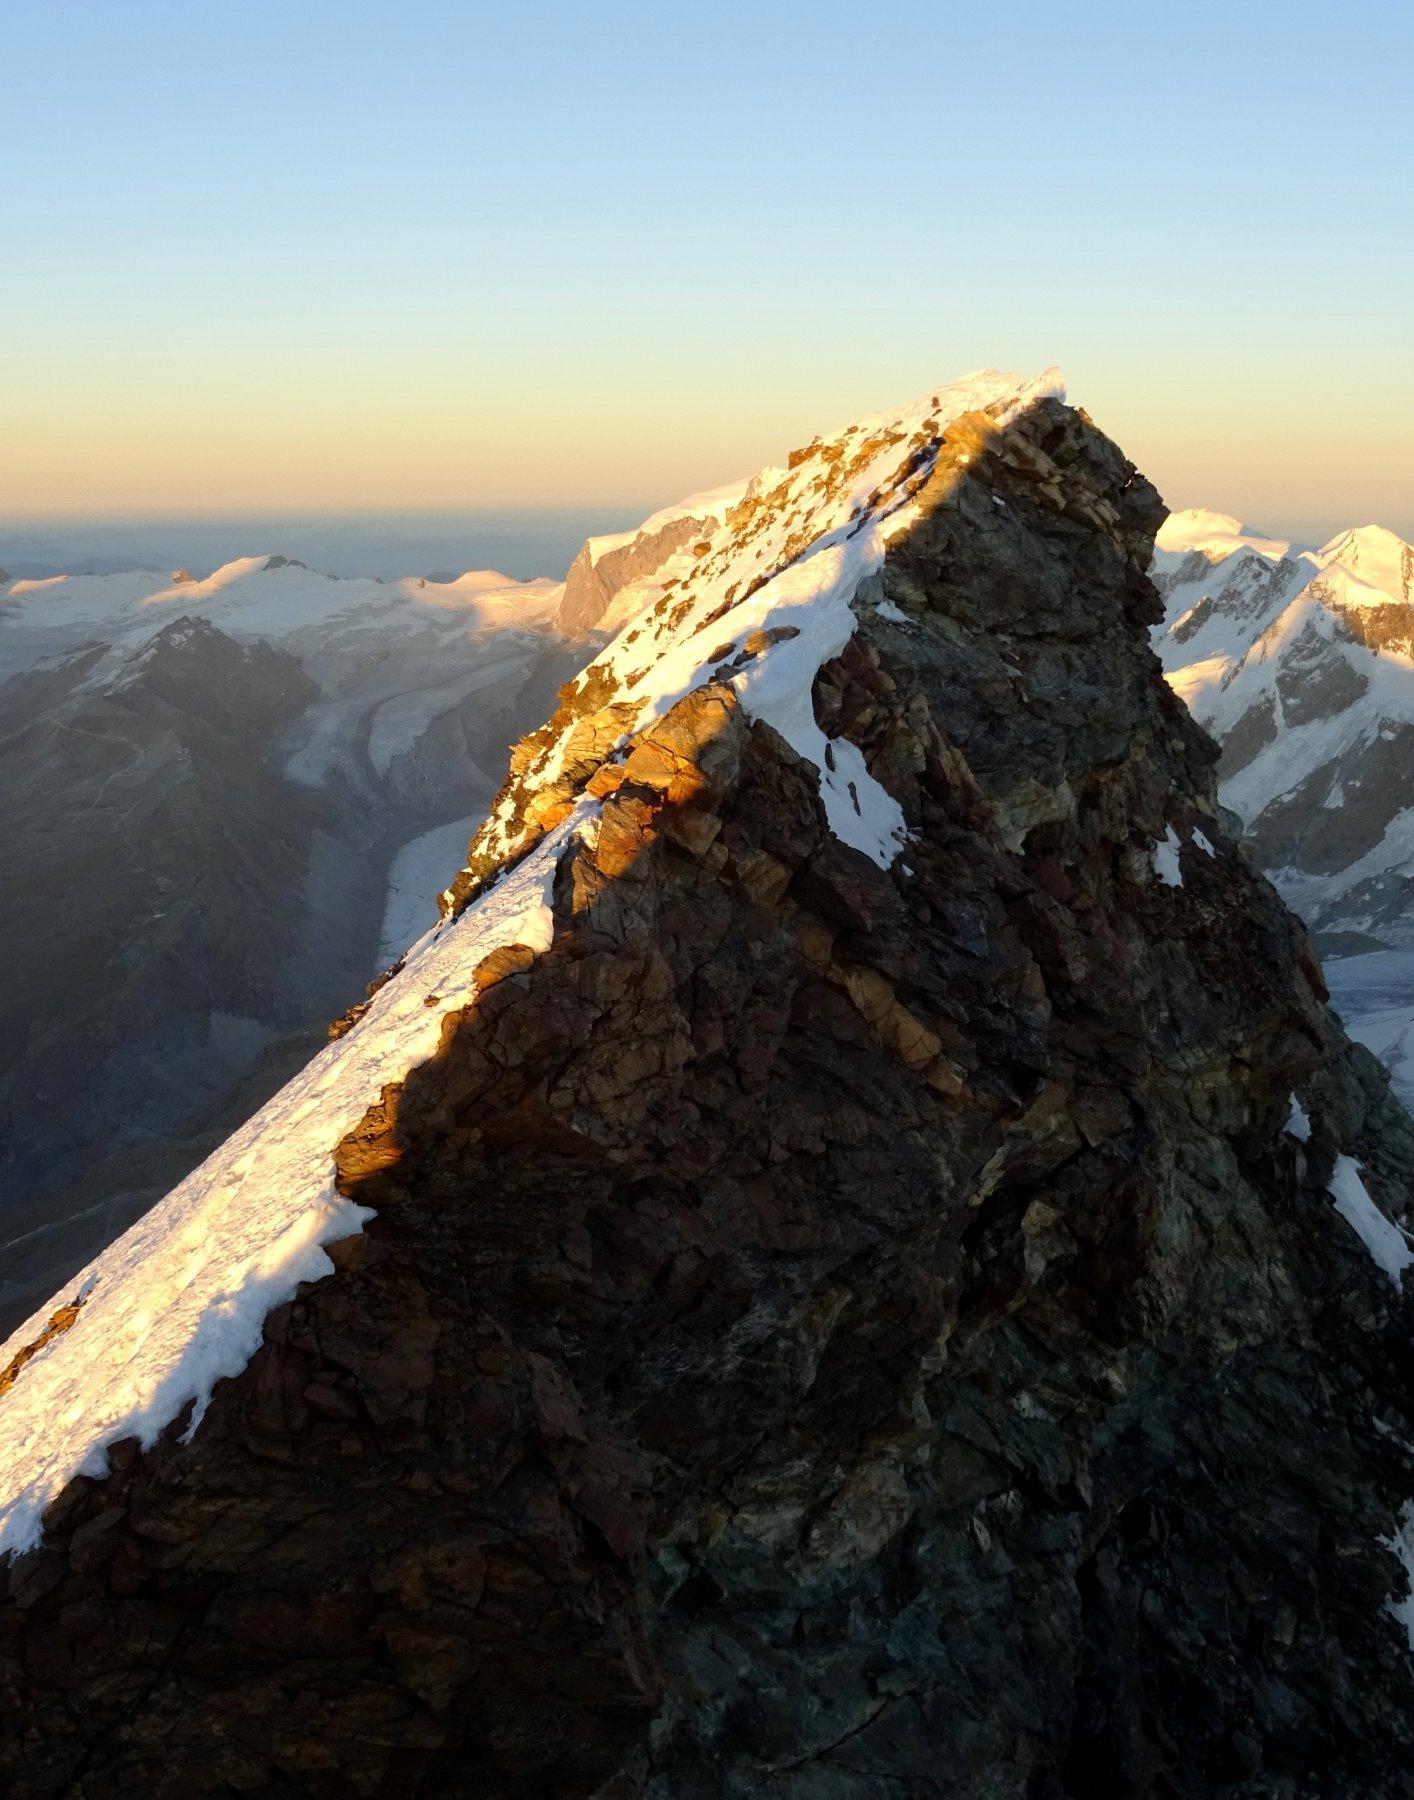 Ultime luci sulla cima svizzera